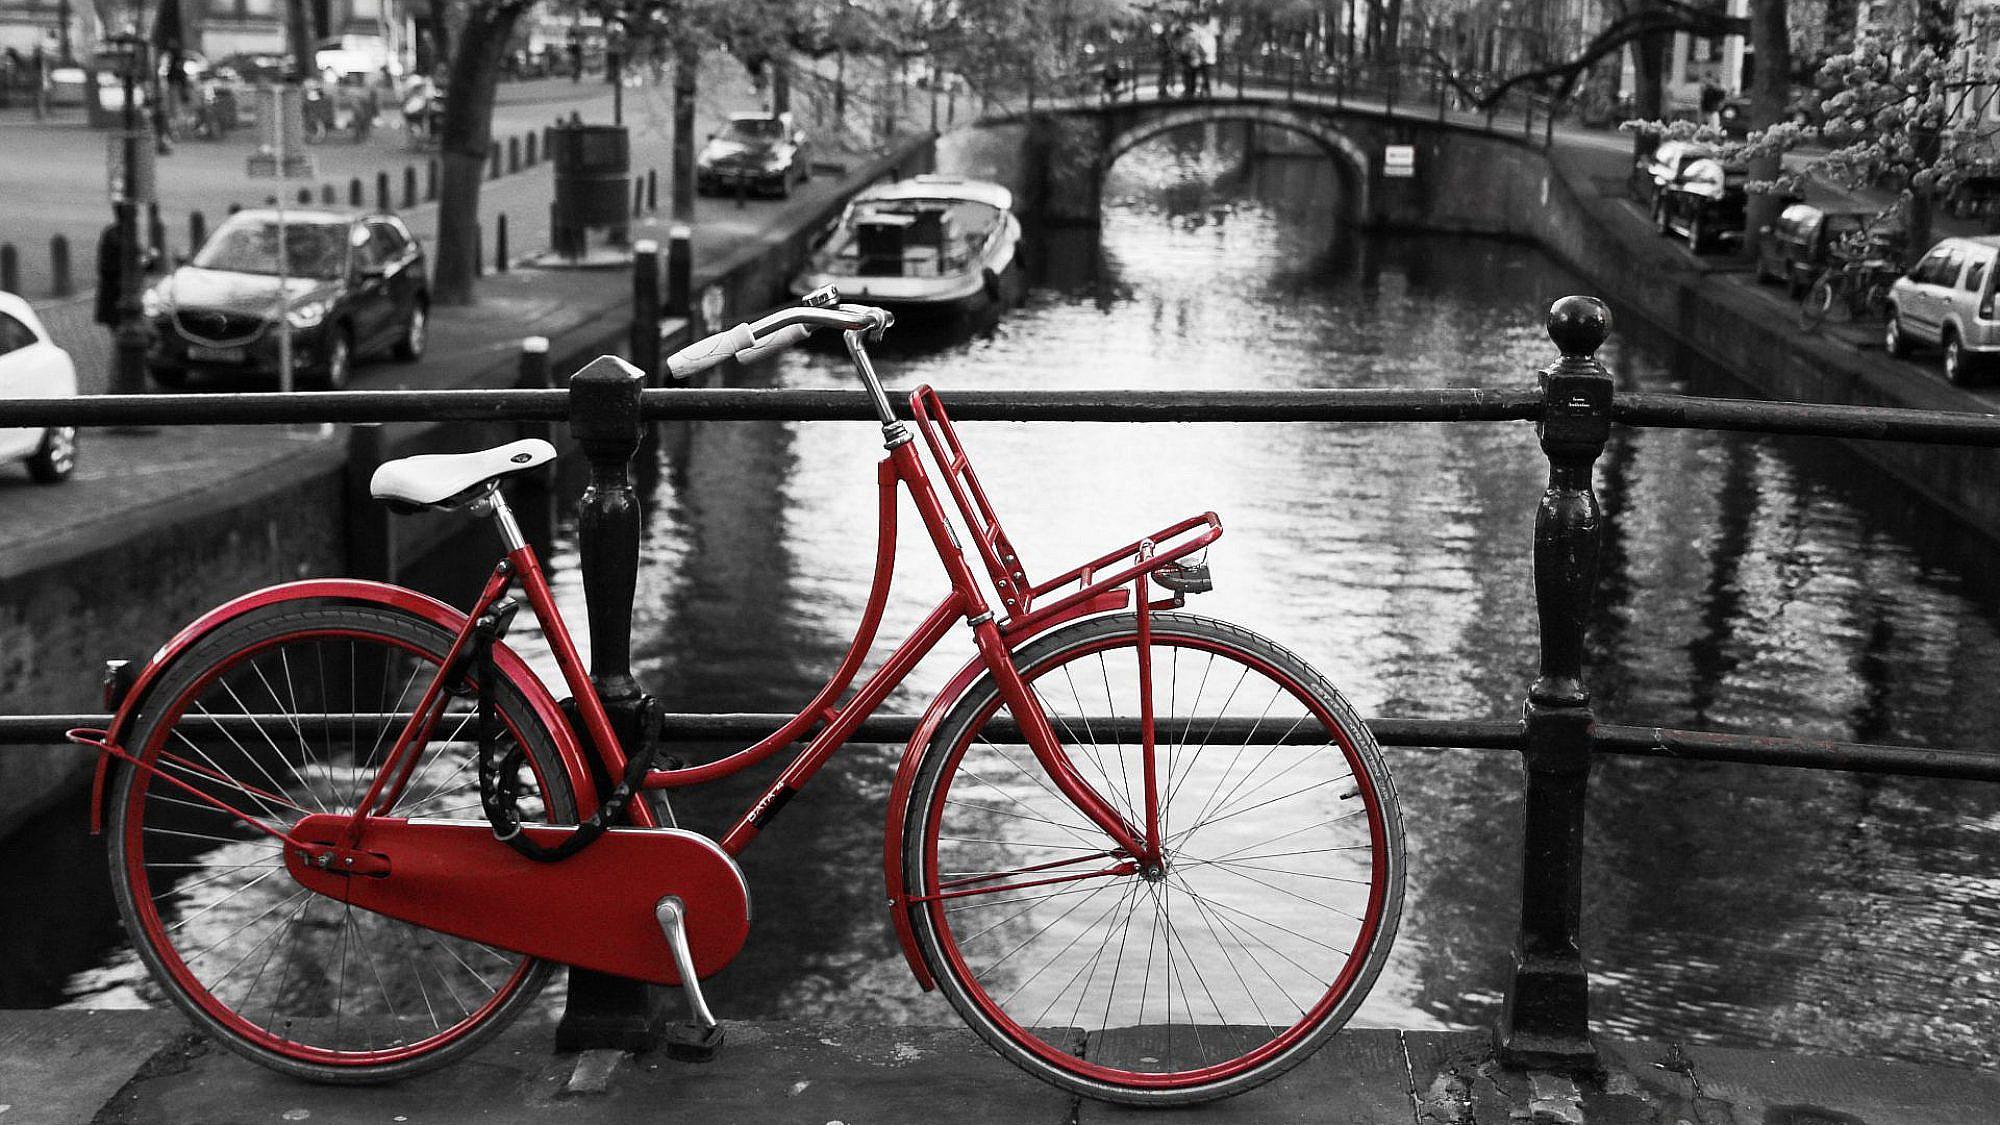 מאות אלפי אמסטרדמים אינם טועים. אופני אבא (צילום: שאטרסטוק)